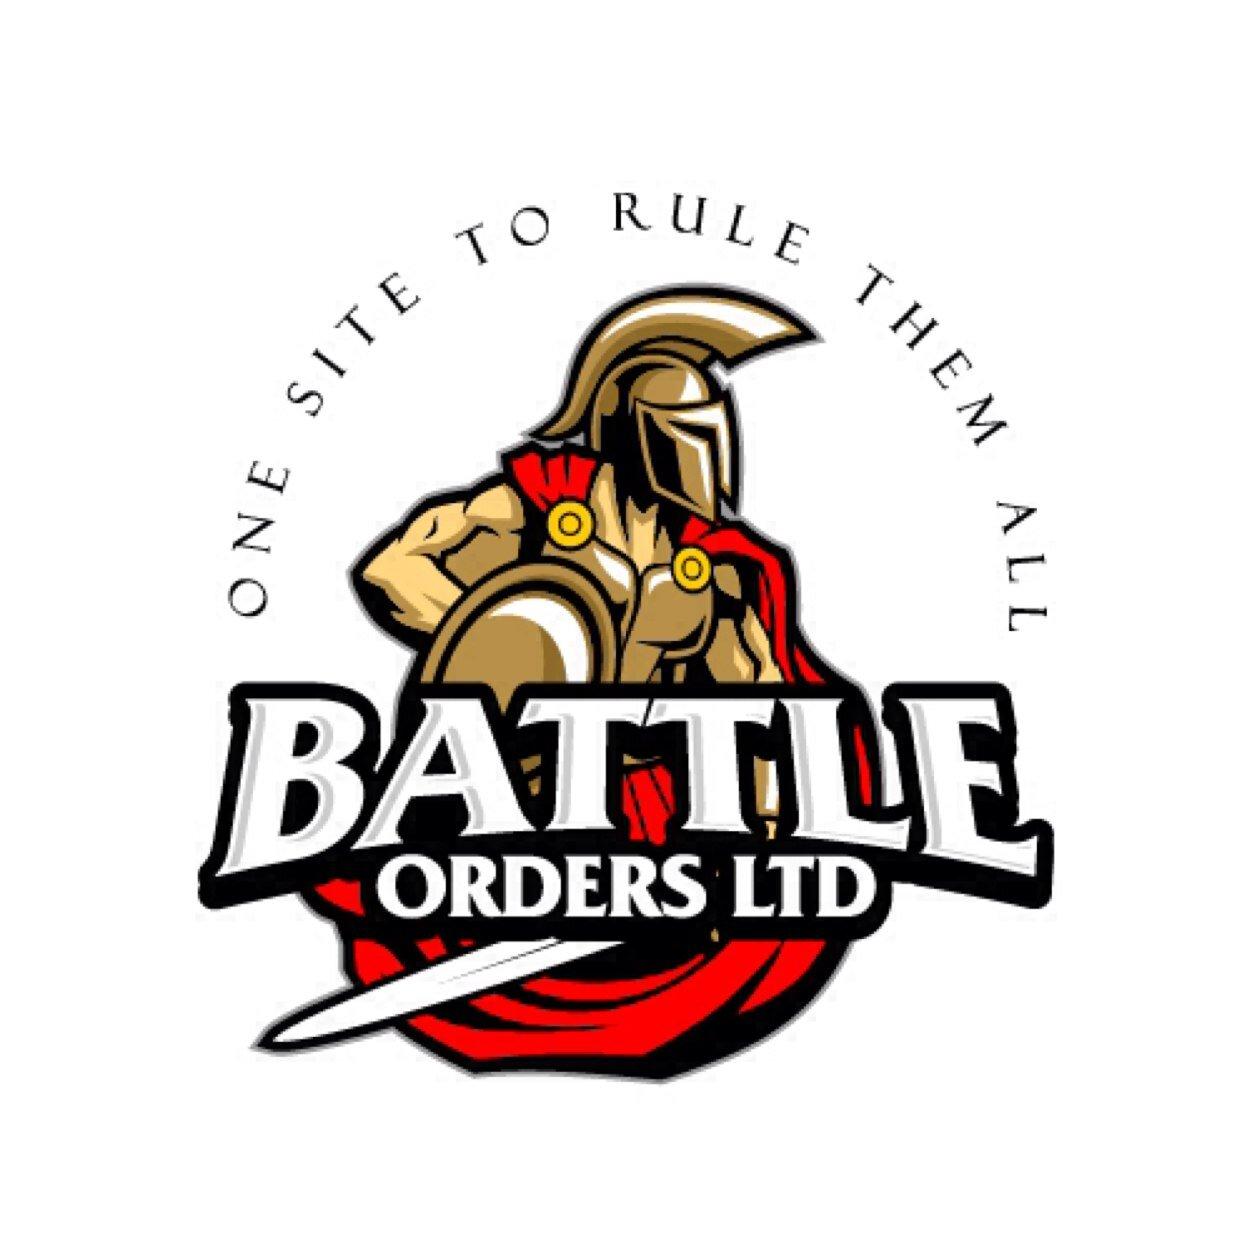 Battle Orders